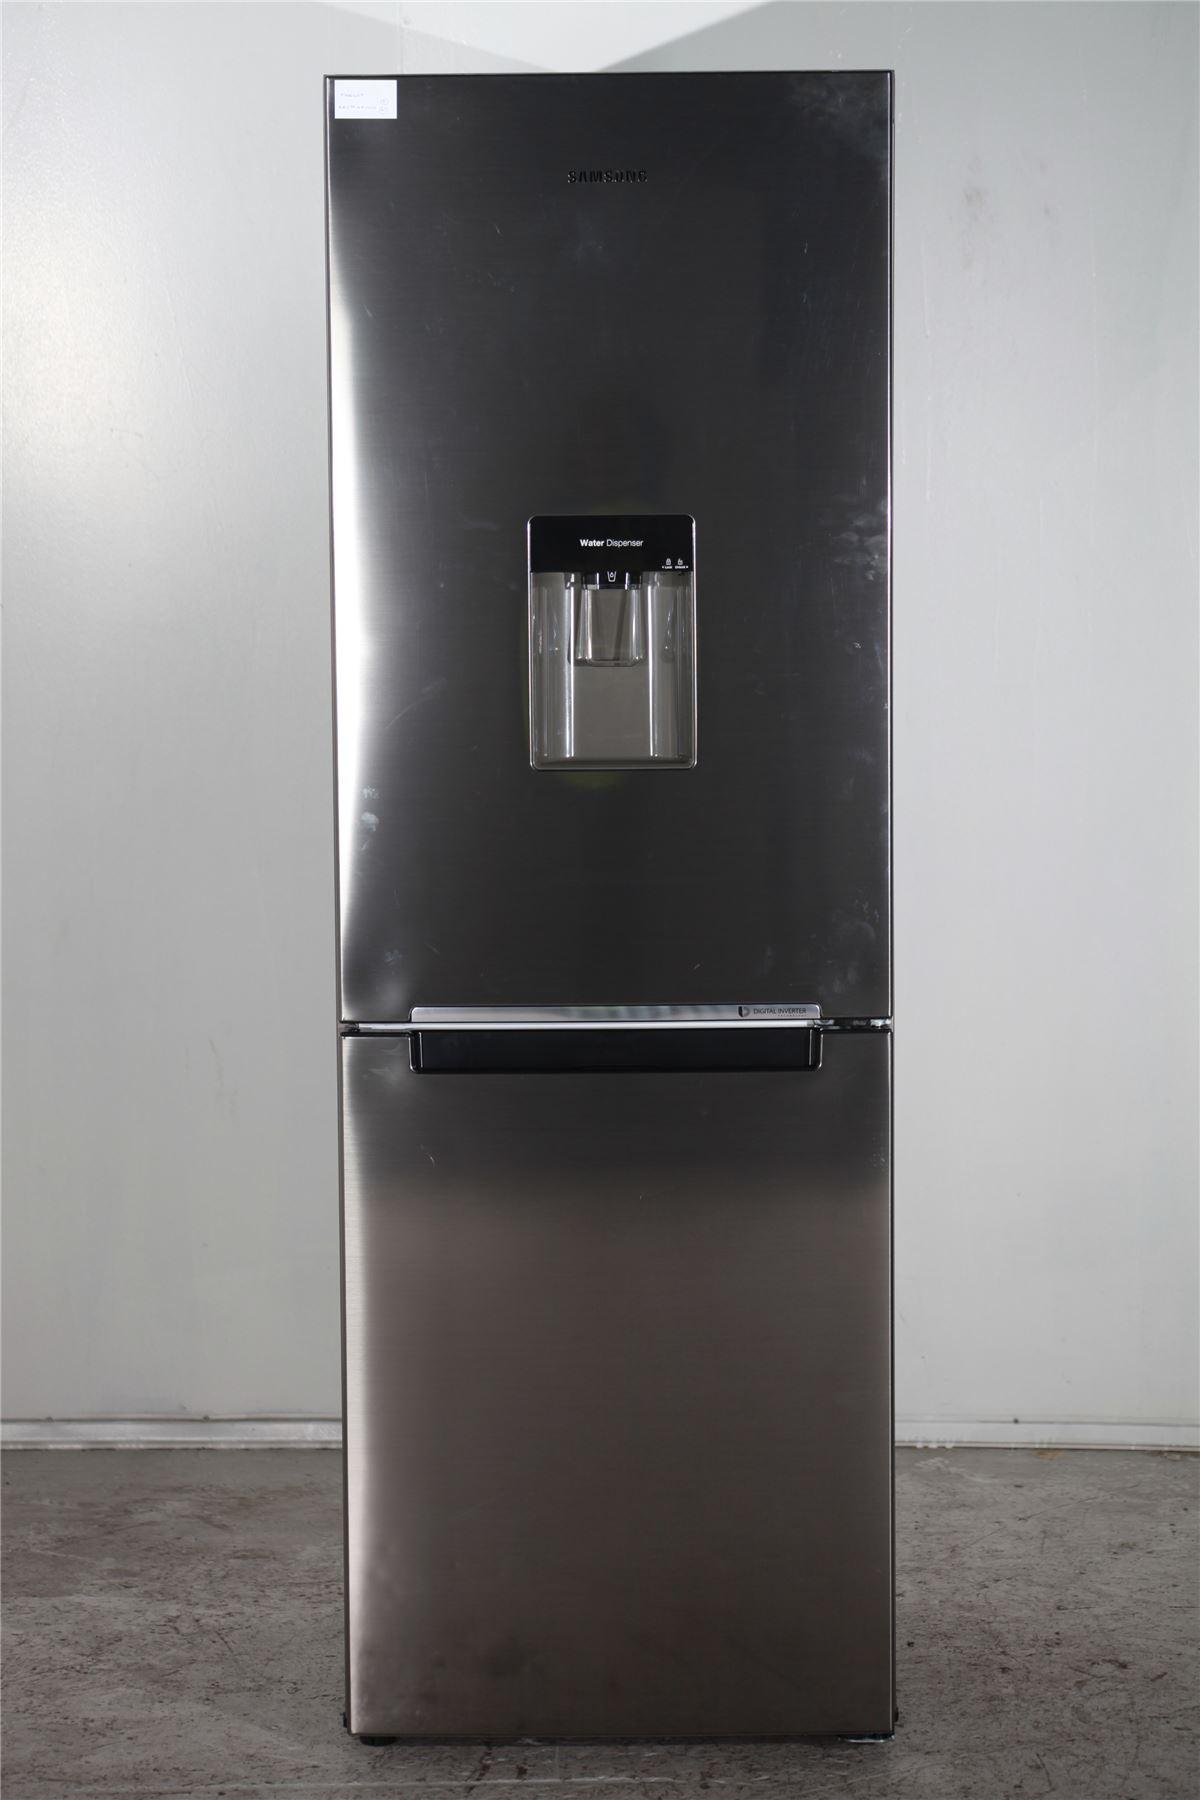 preloved samsung fridge freezer water dispenser. Black Bedroom Furniture Sets. Home Design Ideas